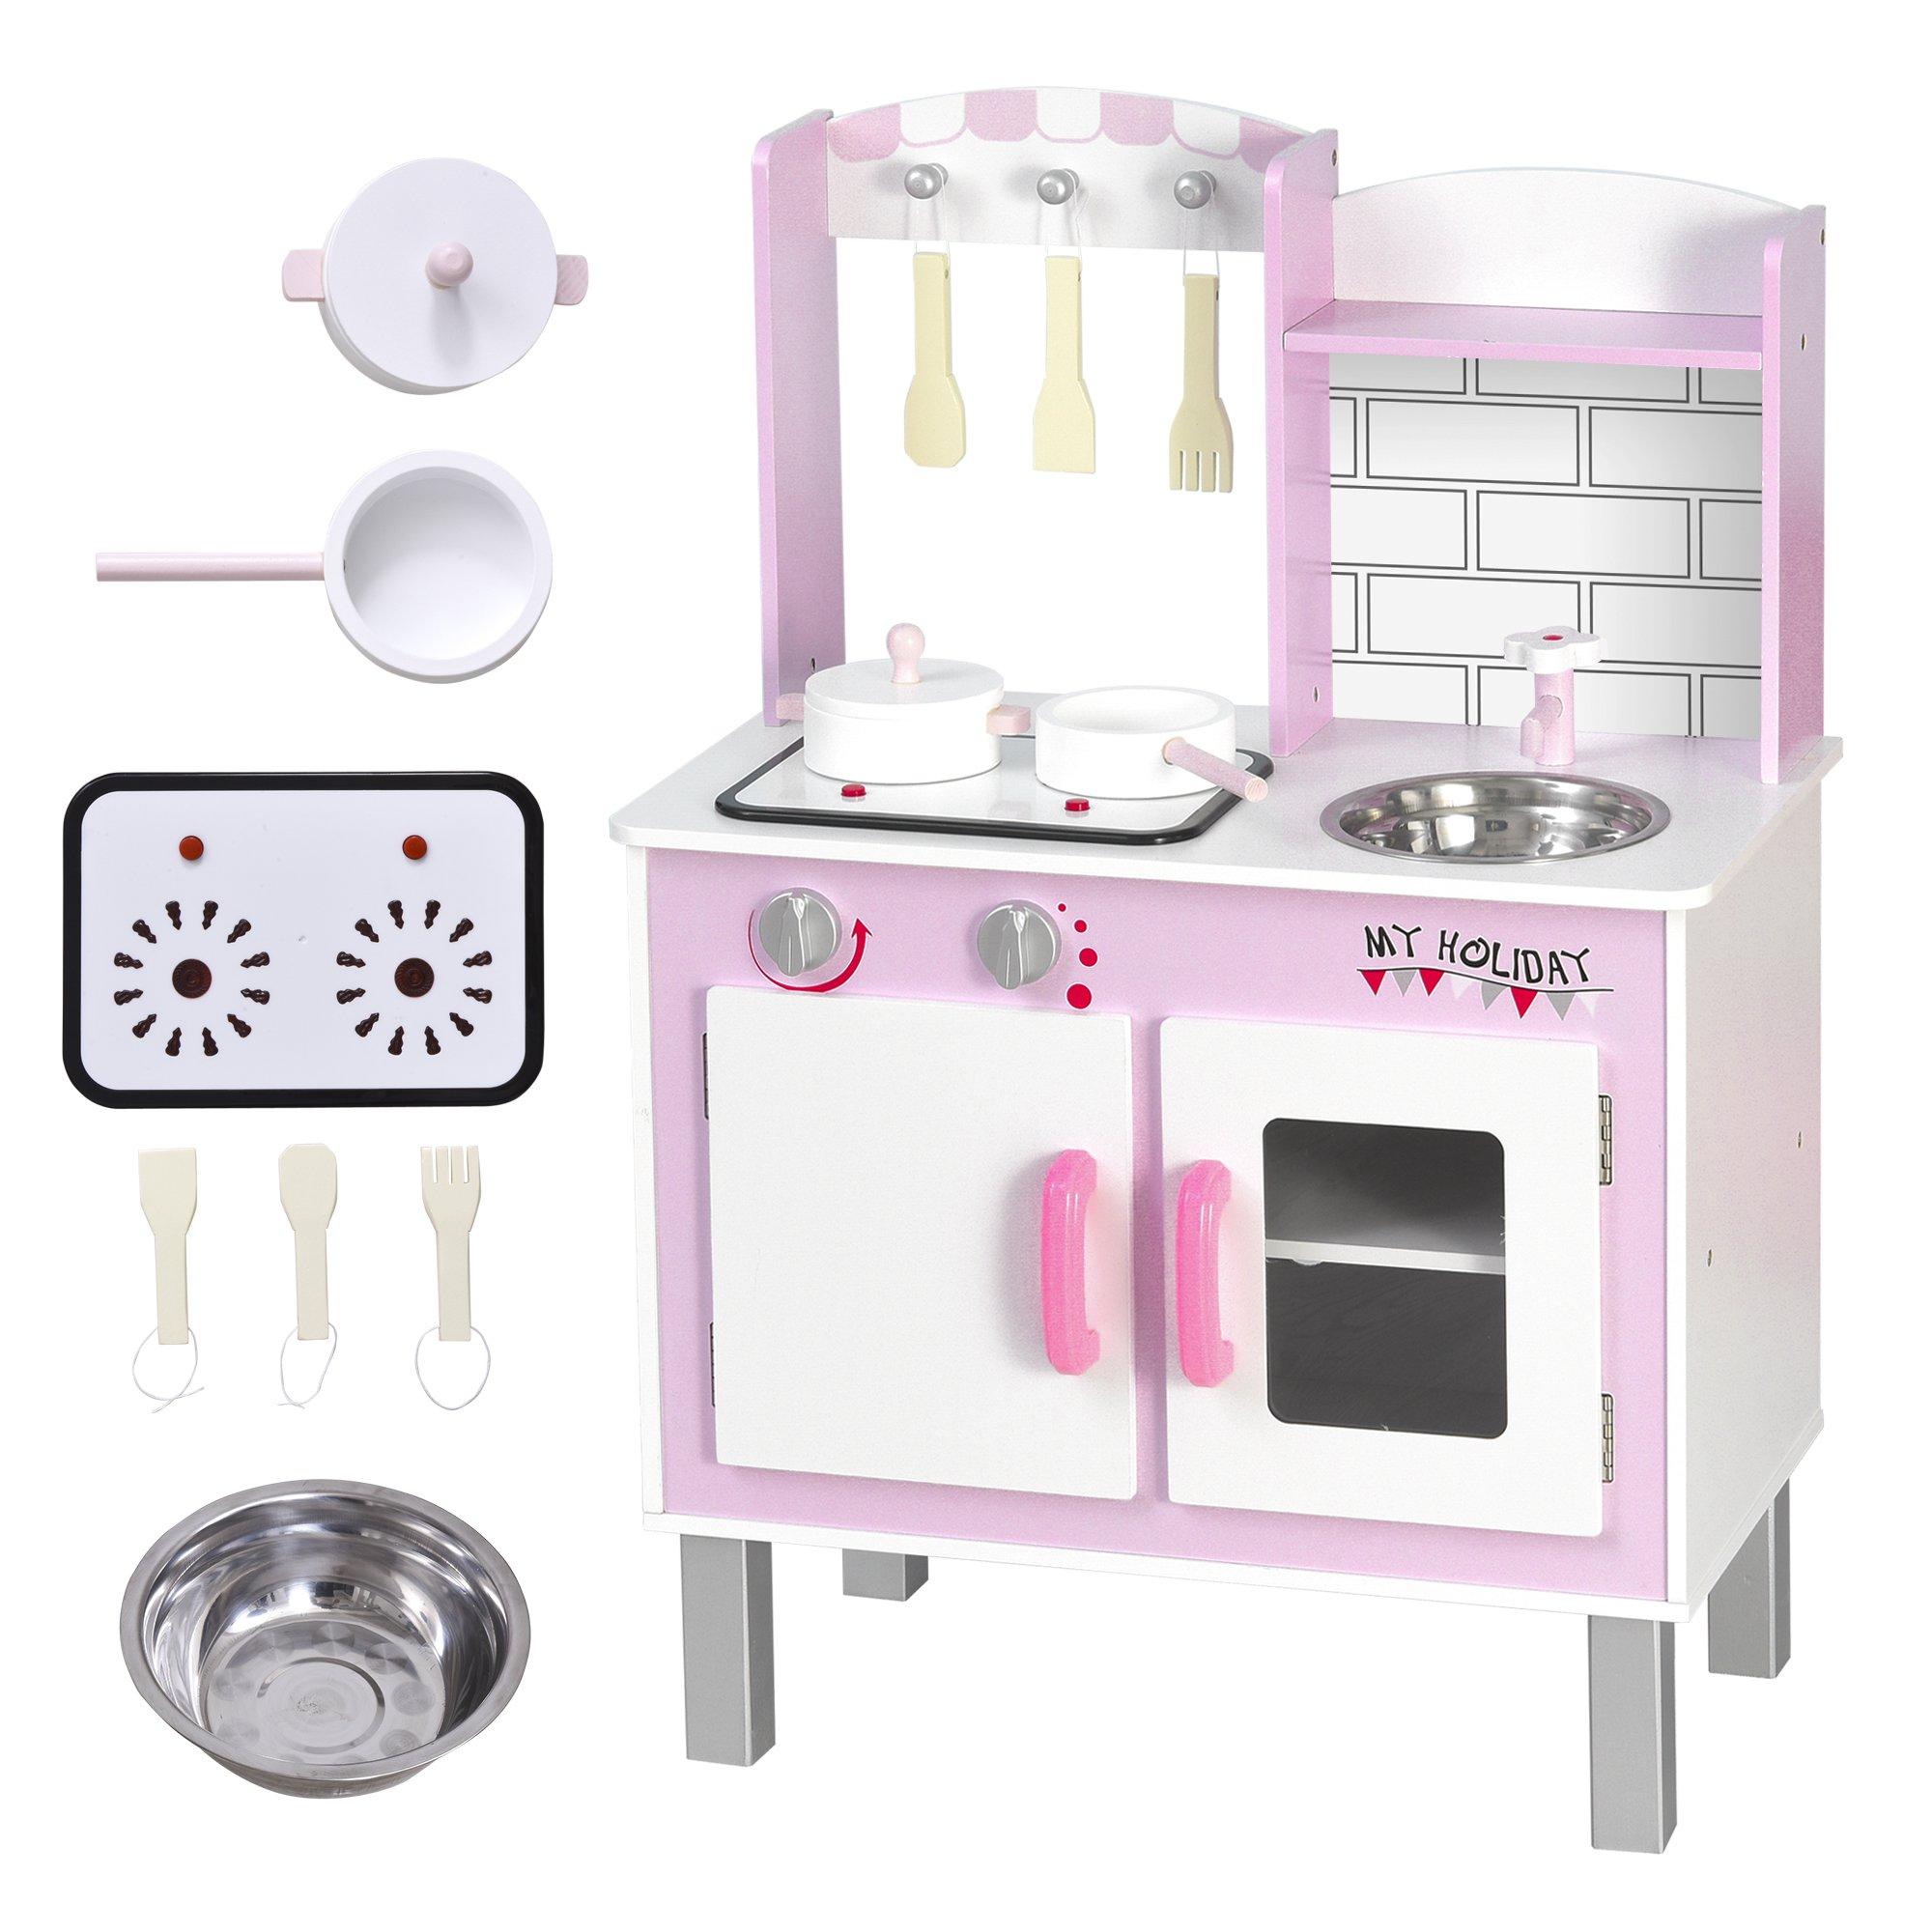 HOMCOM Cocinita de Juguete con Función de Sonido Armario Ganchos 5 Accesorios Incluidos Cocina Infantil Educativo para +3 Años Madera 55x30x80 cm Rosa